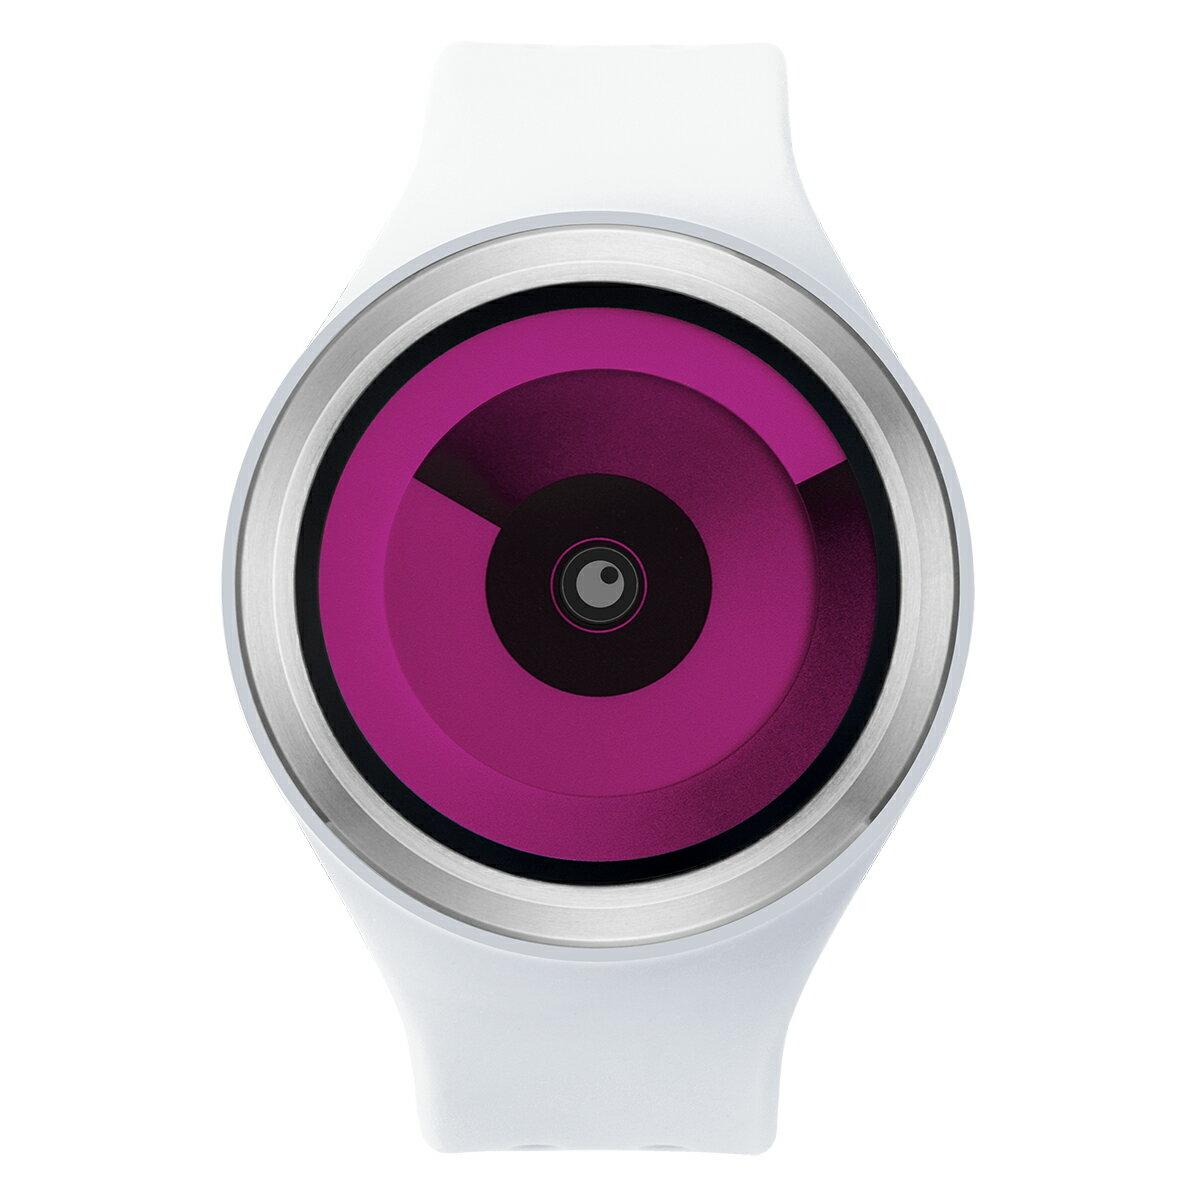 ZEROO SPIRAL GALAXY ゼロ 電池式クォーツ 腕時計 [W00603B01SR01] ホワイト デザインウォッチ ペア用 メンズ レディース ユニセックス おしゃれ時計 デザイナーズ